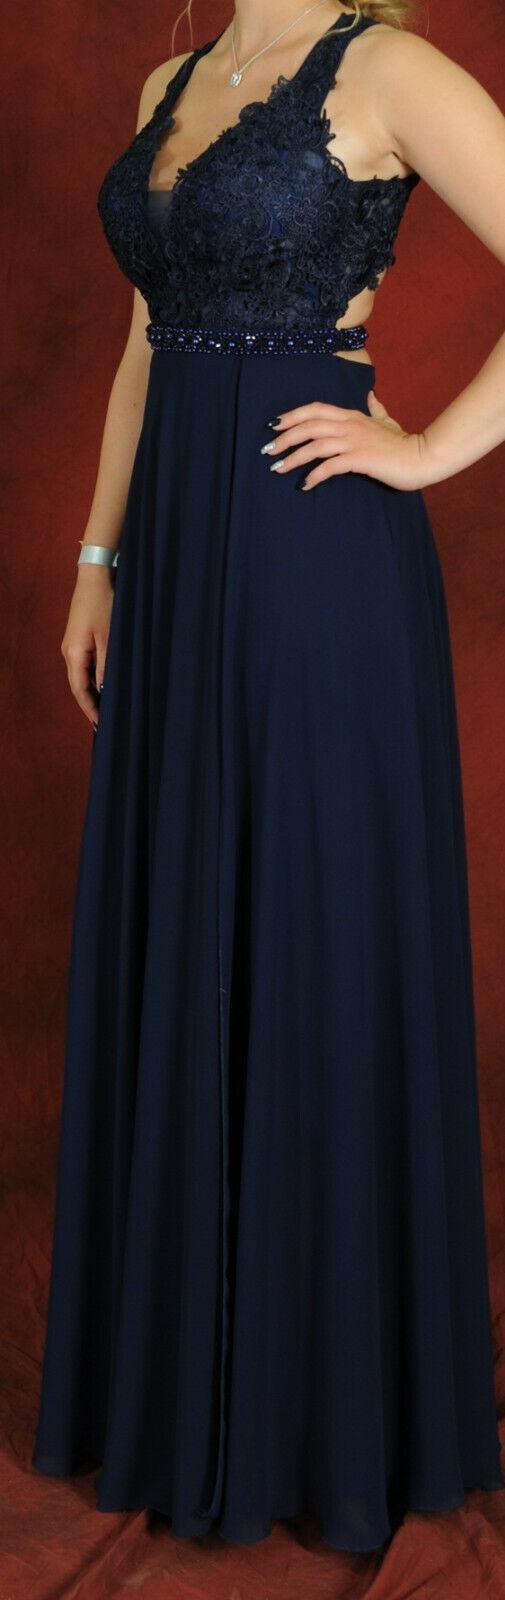 Damen Abendkleid Abiball Kleid Rückenfrei Bodenlang Gr.S